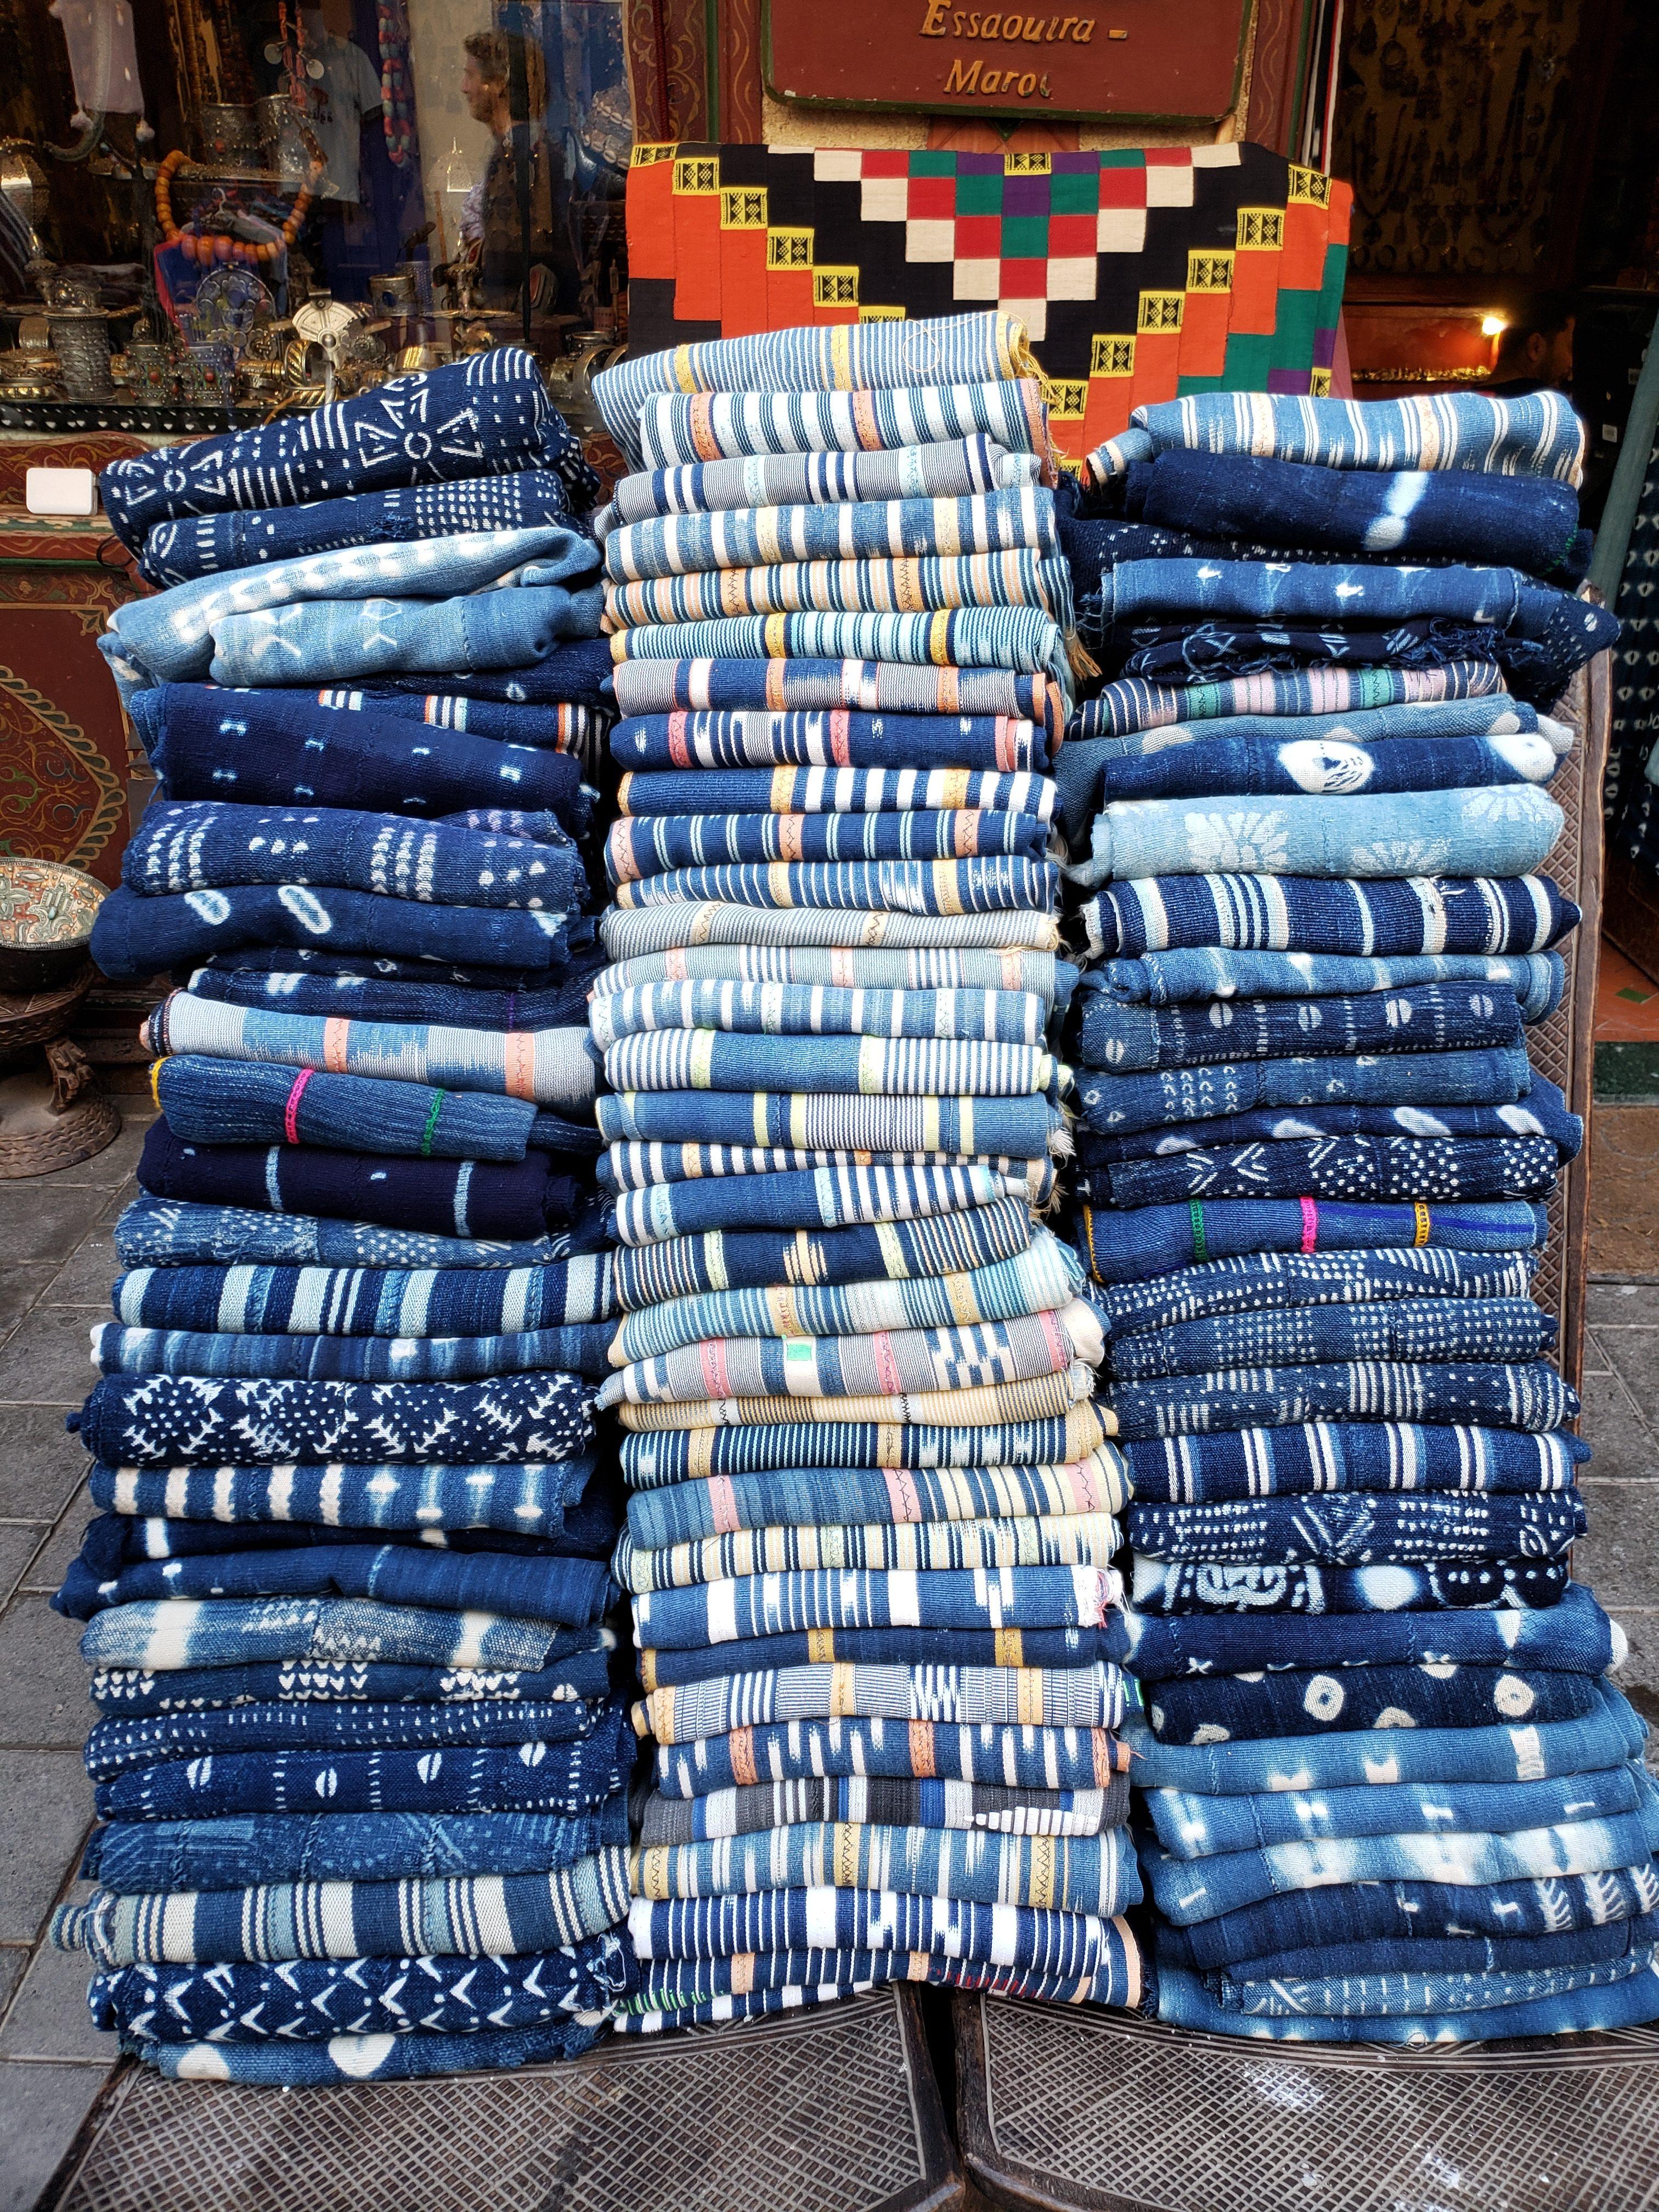 voyage Maroc visiter Essaouira blog